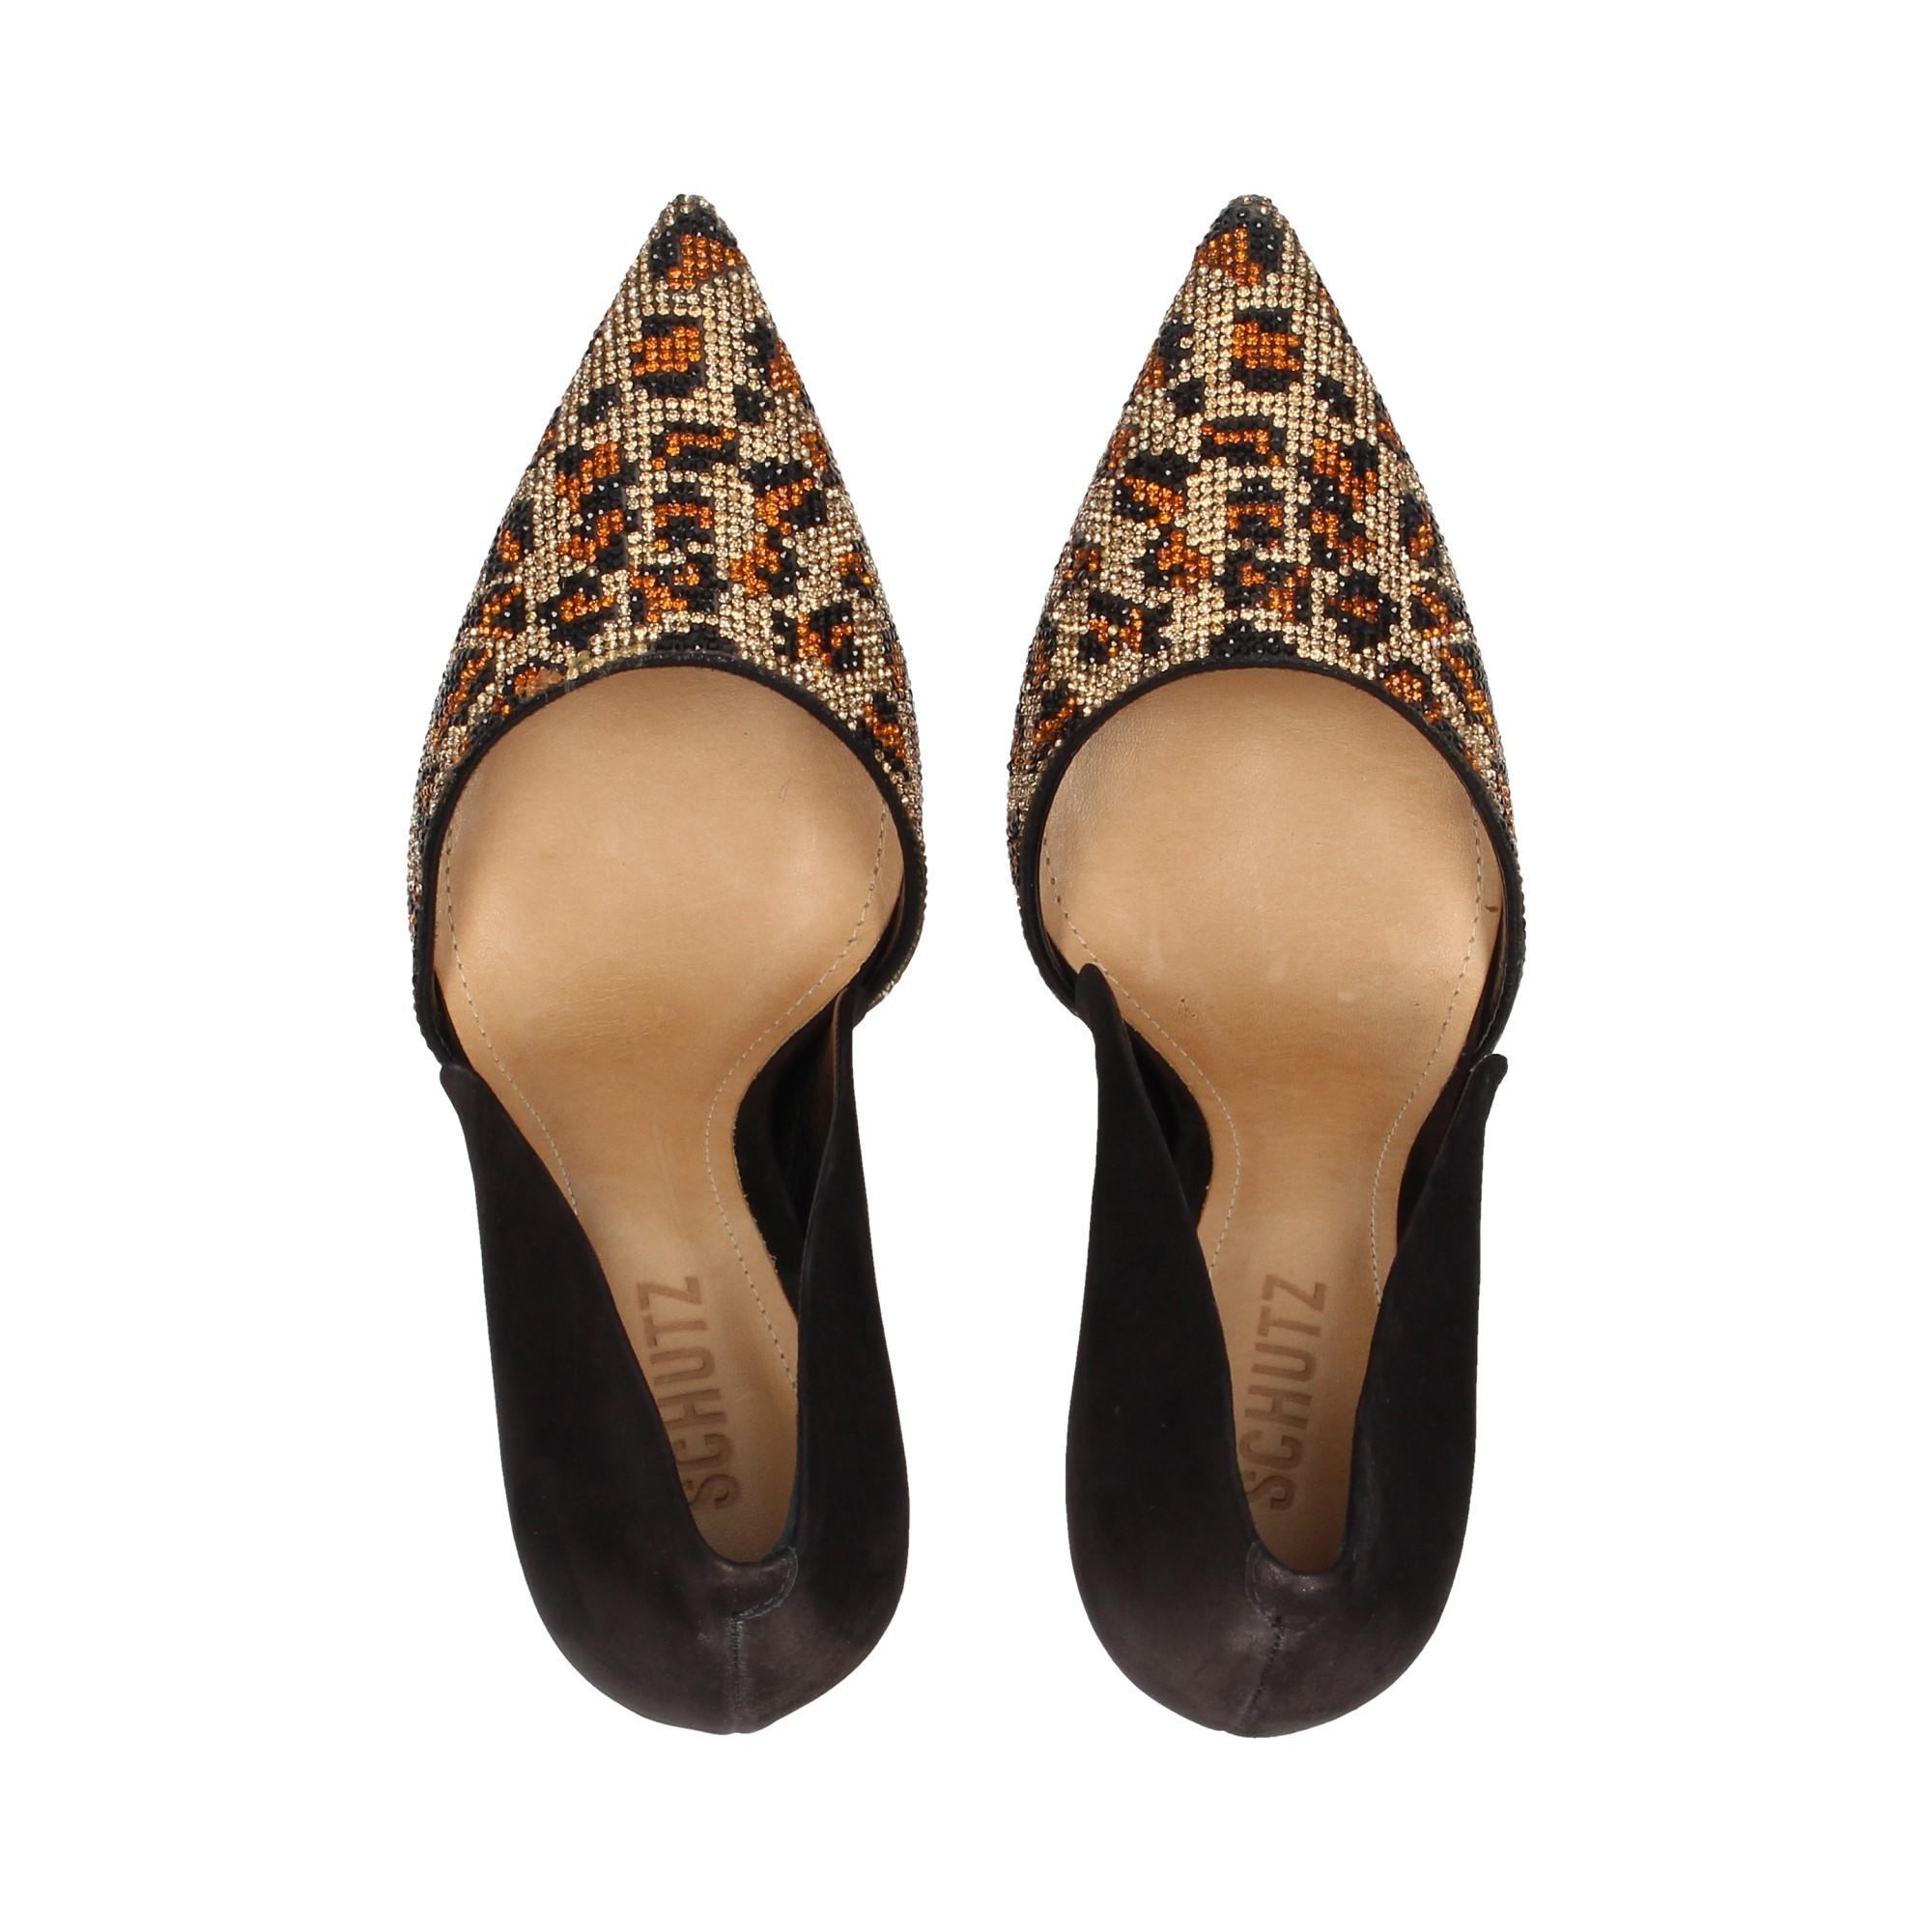 abierto-lados-ante-strass-leopardo